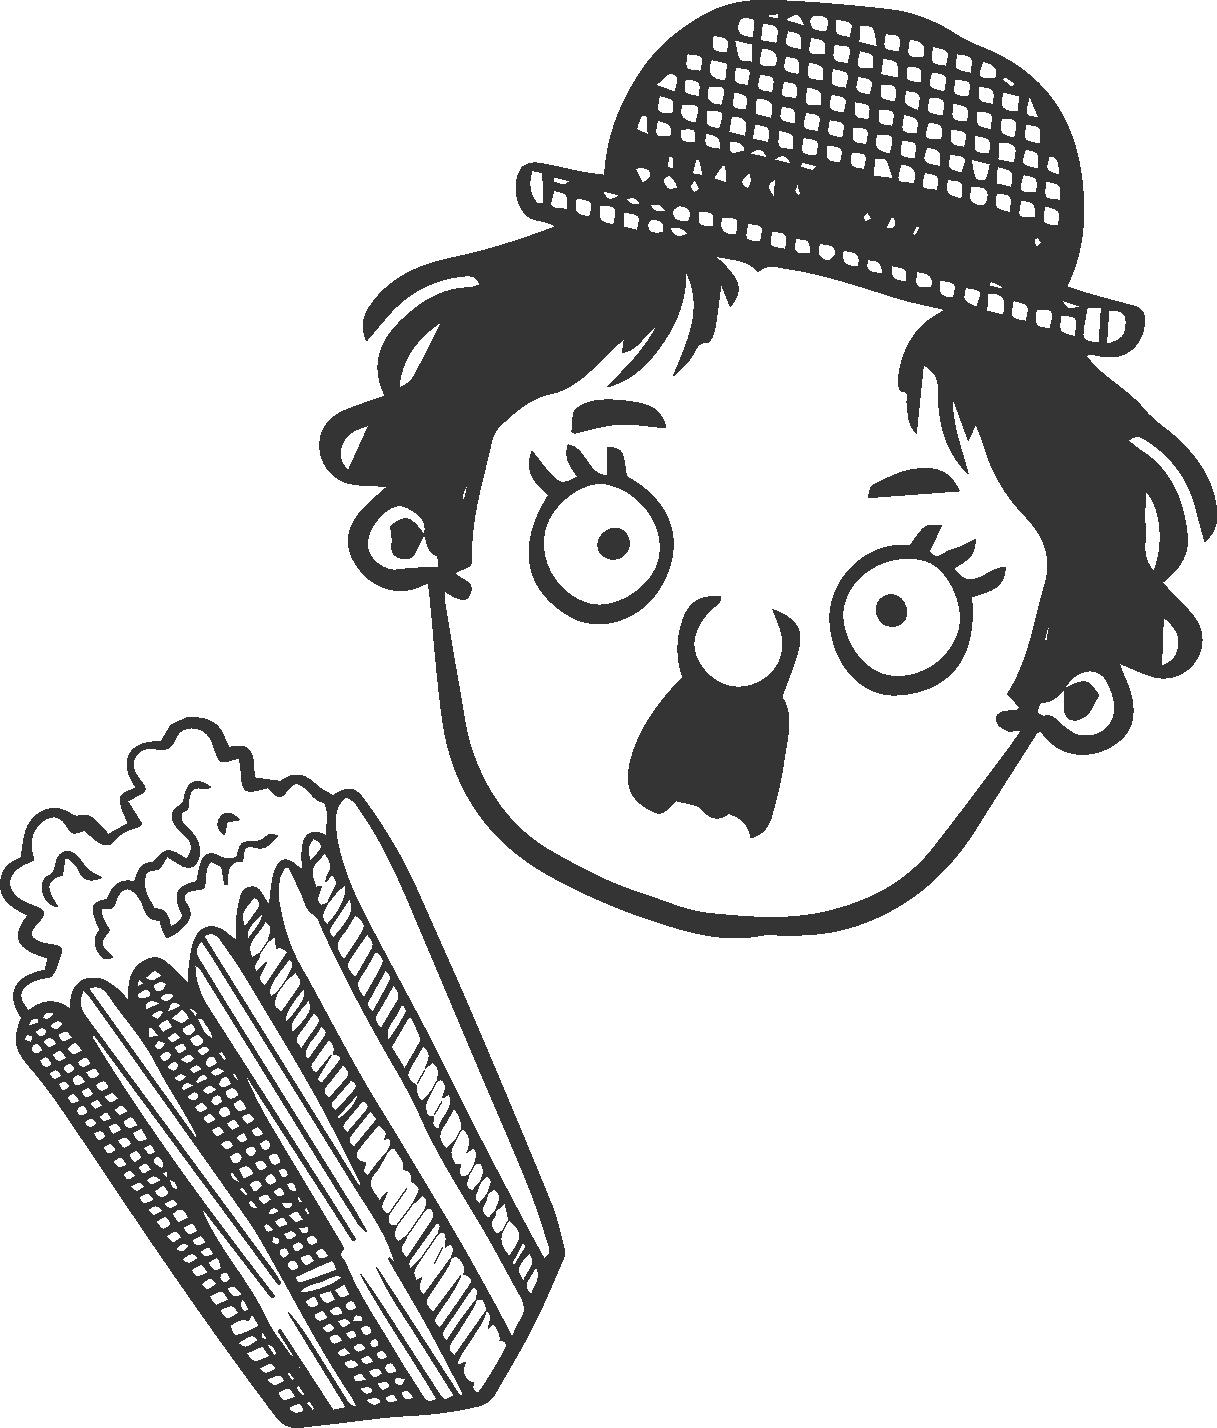 CharlieChaplin mit Popcorn Handgezeichnet